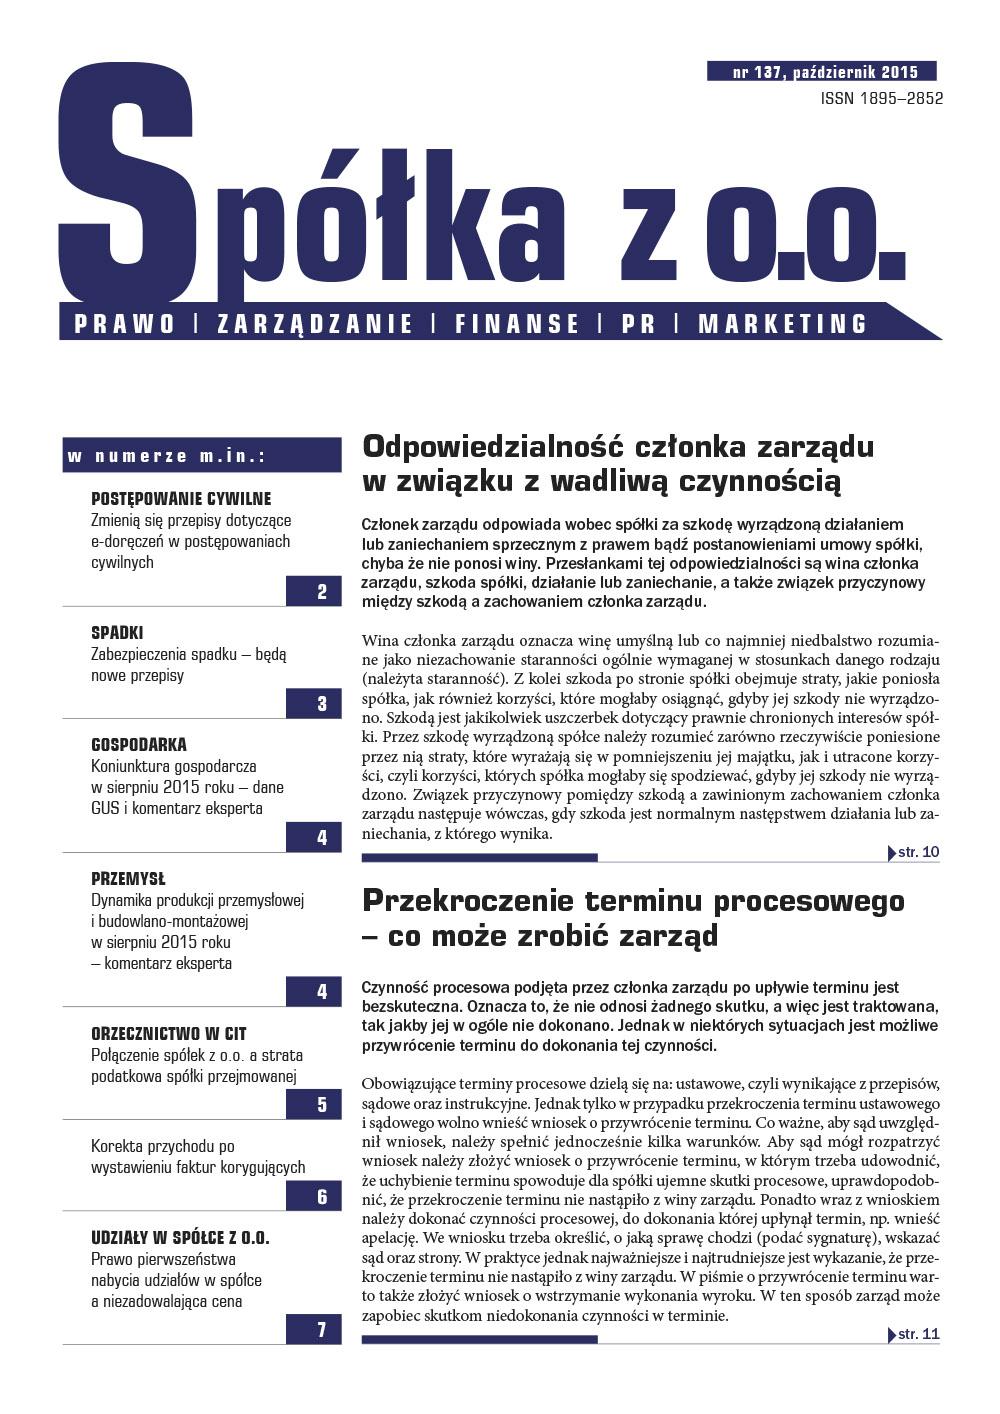 Spółka z o.o. Prawo, zarządzanie, finanse, PR, marketing - e-wydanie